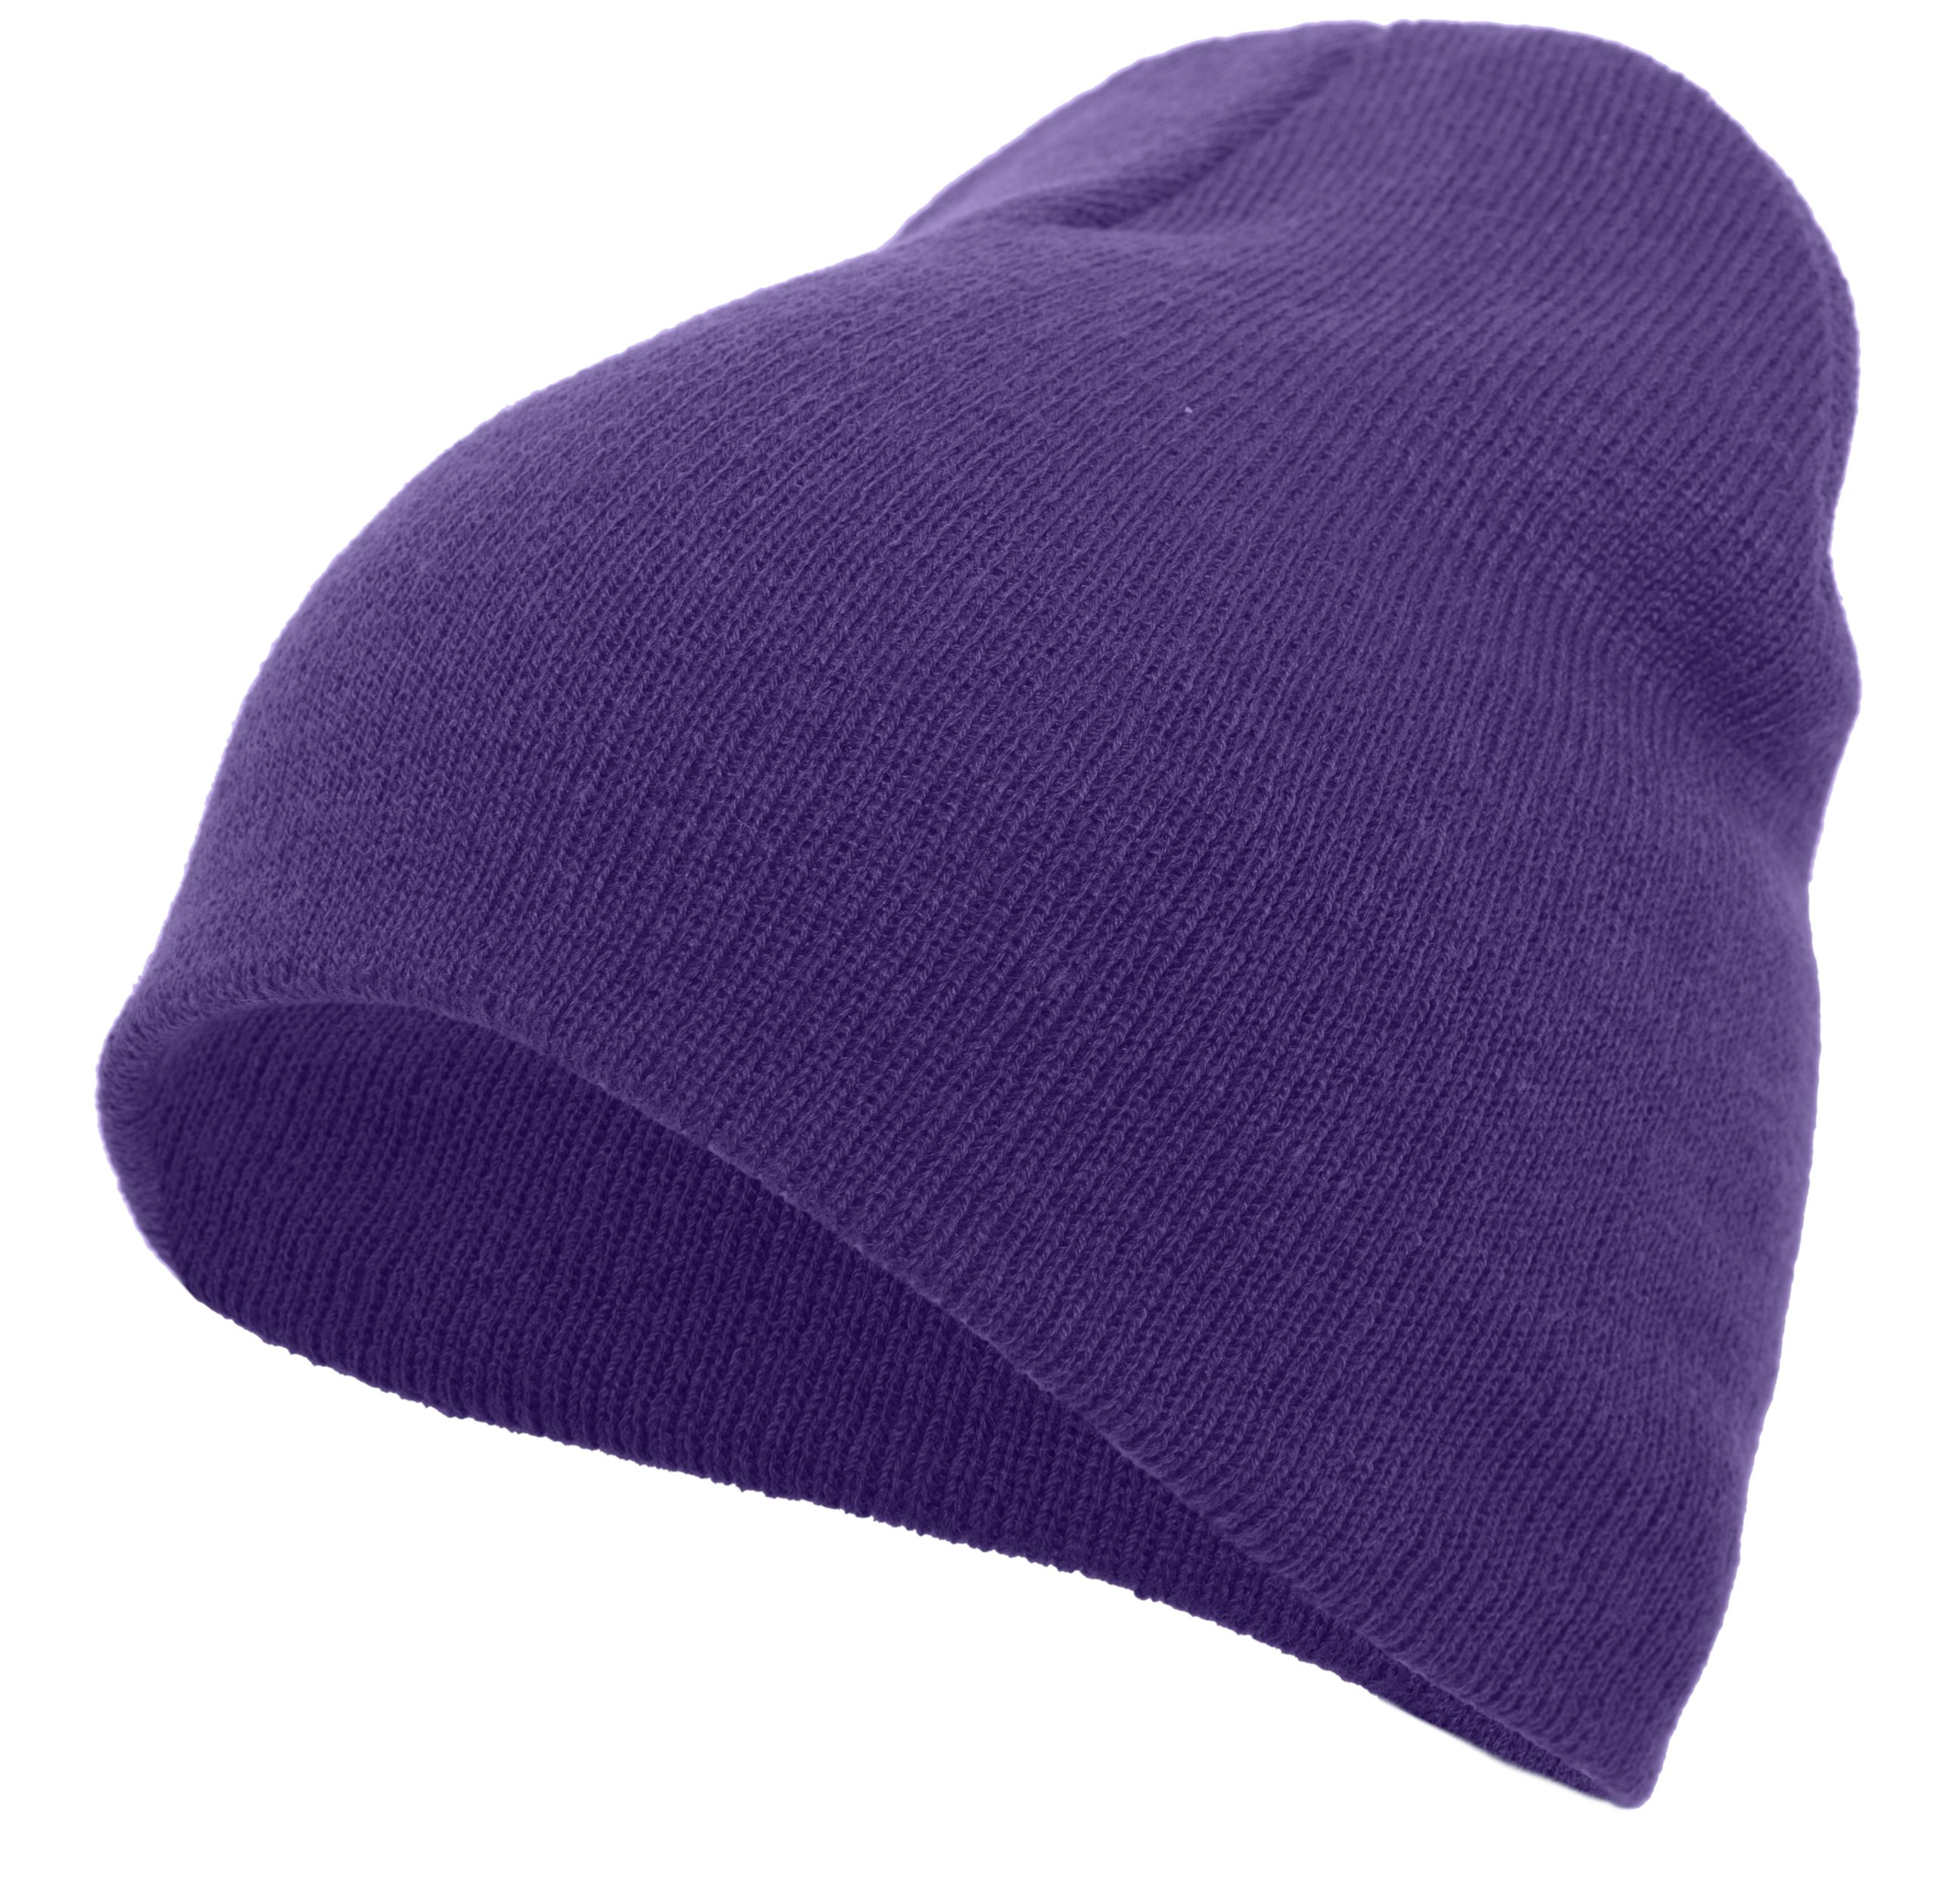 Basic Knit Beanie - PURPLE